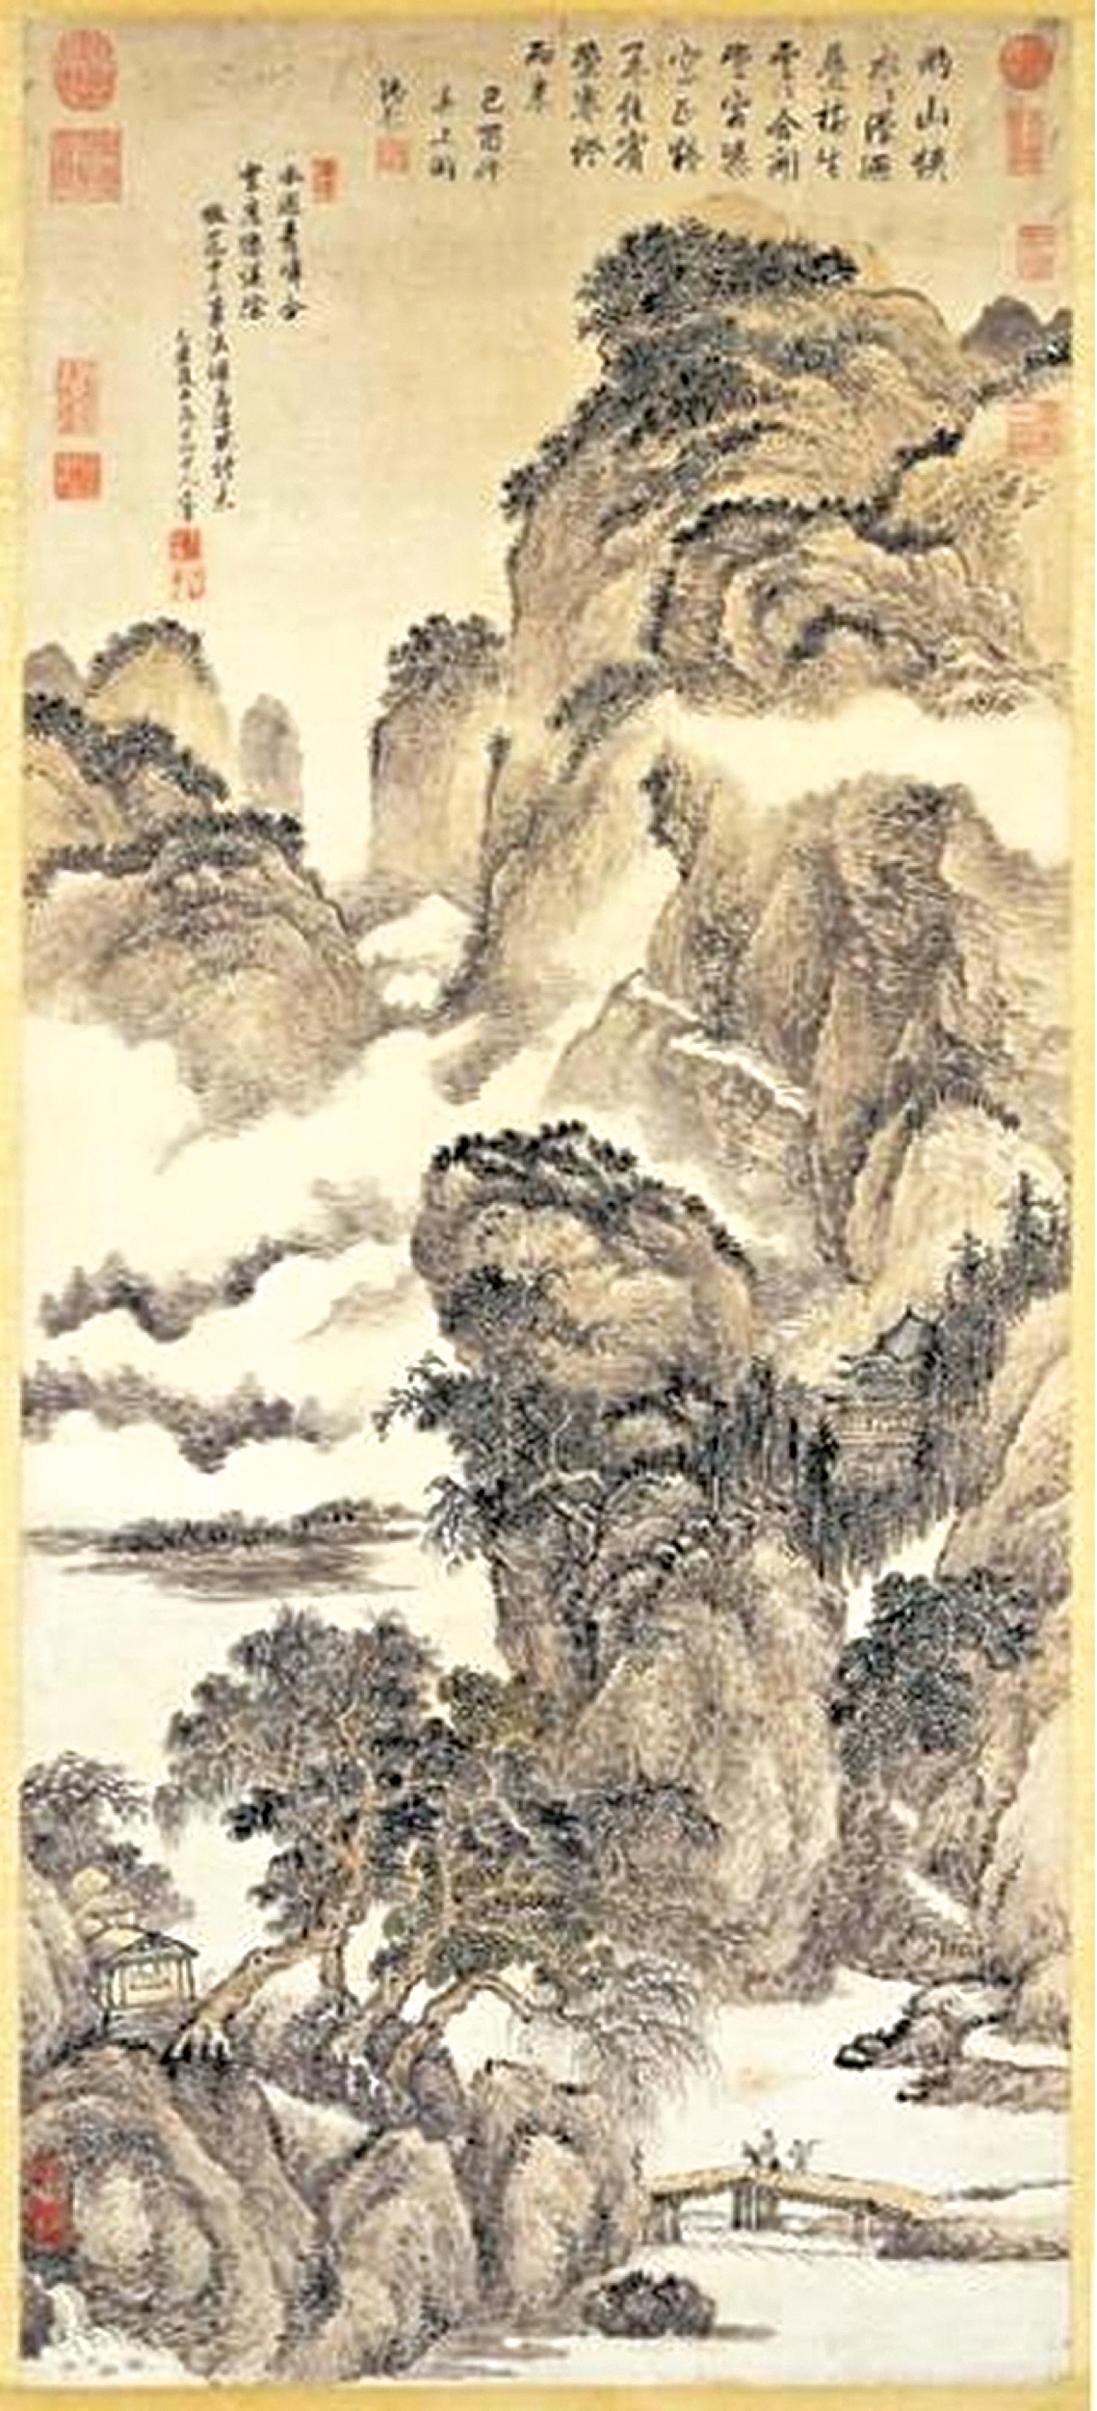 清王翬畫孟浩然詩意,現藏台北故宮博物院。(公有領域)